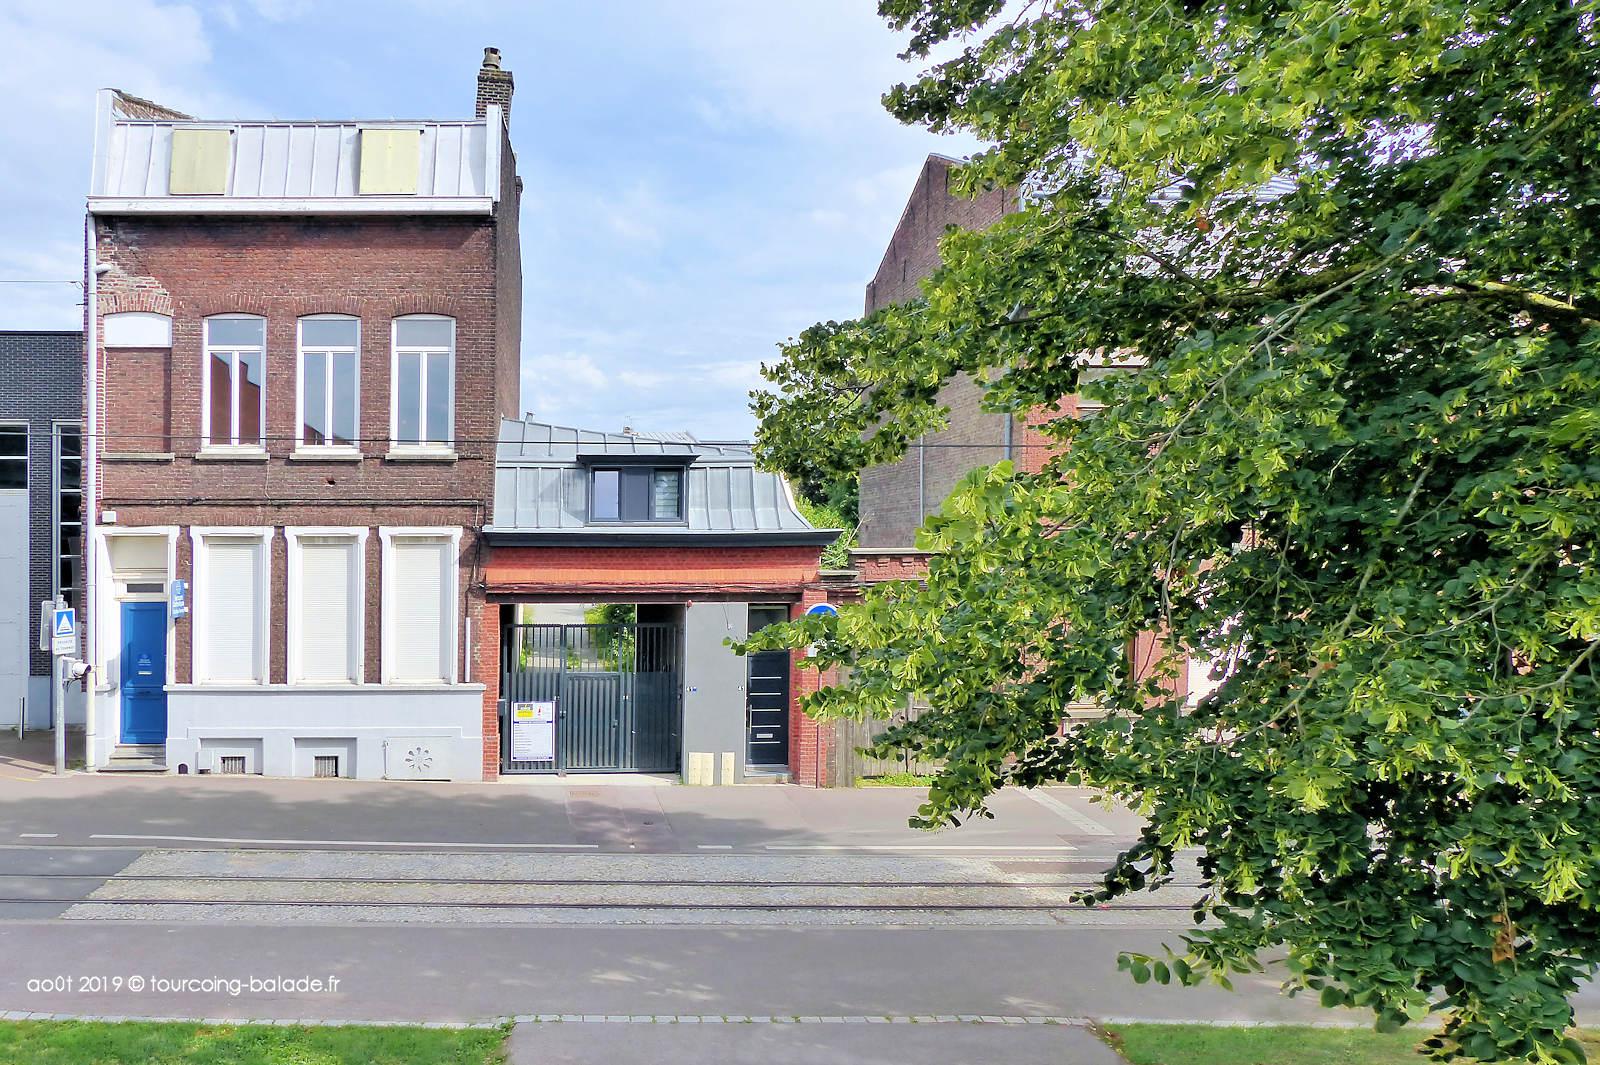 Façades de maisons - Rue Chanzy, Tourcoing